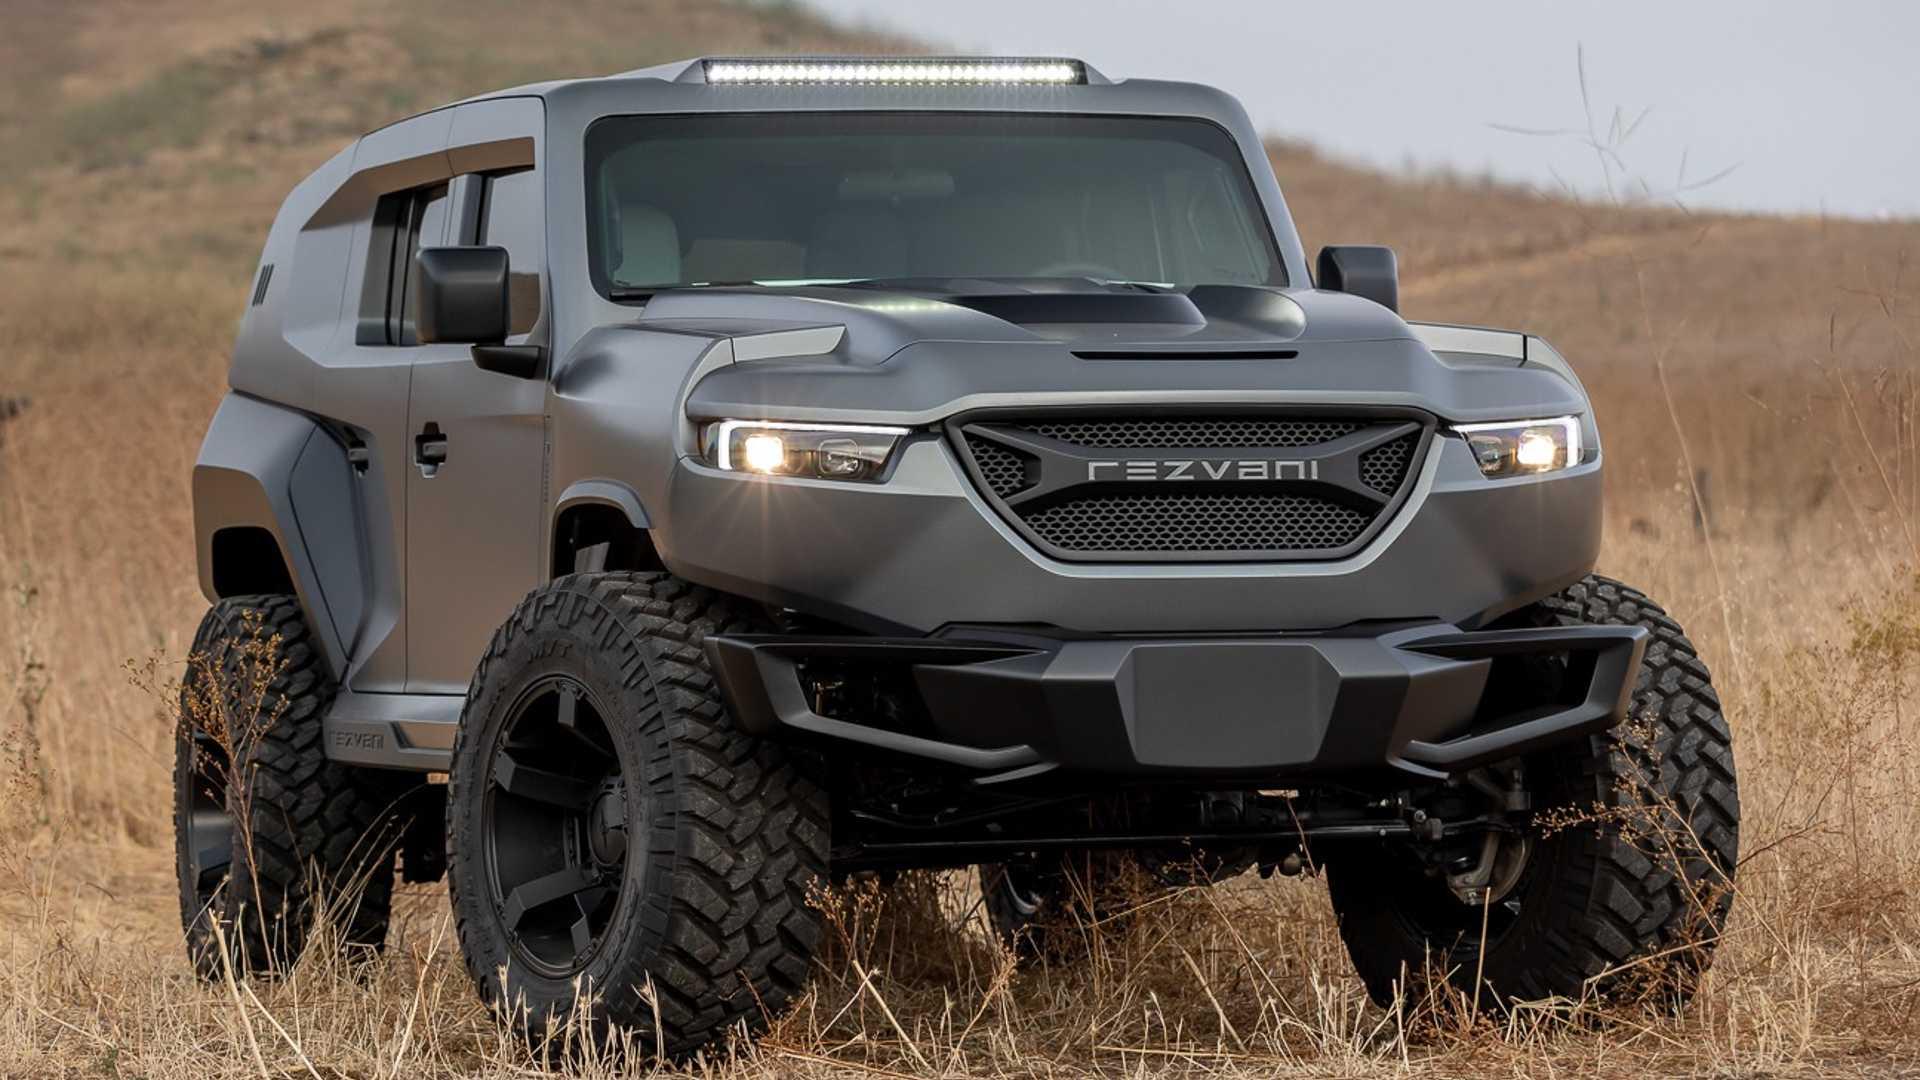 Компания Rezvani (Калифорния) официально презентовала новый Tank X с доработанным движком от Dodge Challenger SRT Demon мощностью 1014 л.с. Такой «заряд» делает внедорожник самым мощным в мире (среди серийных).